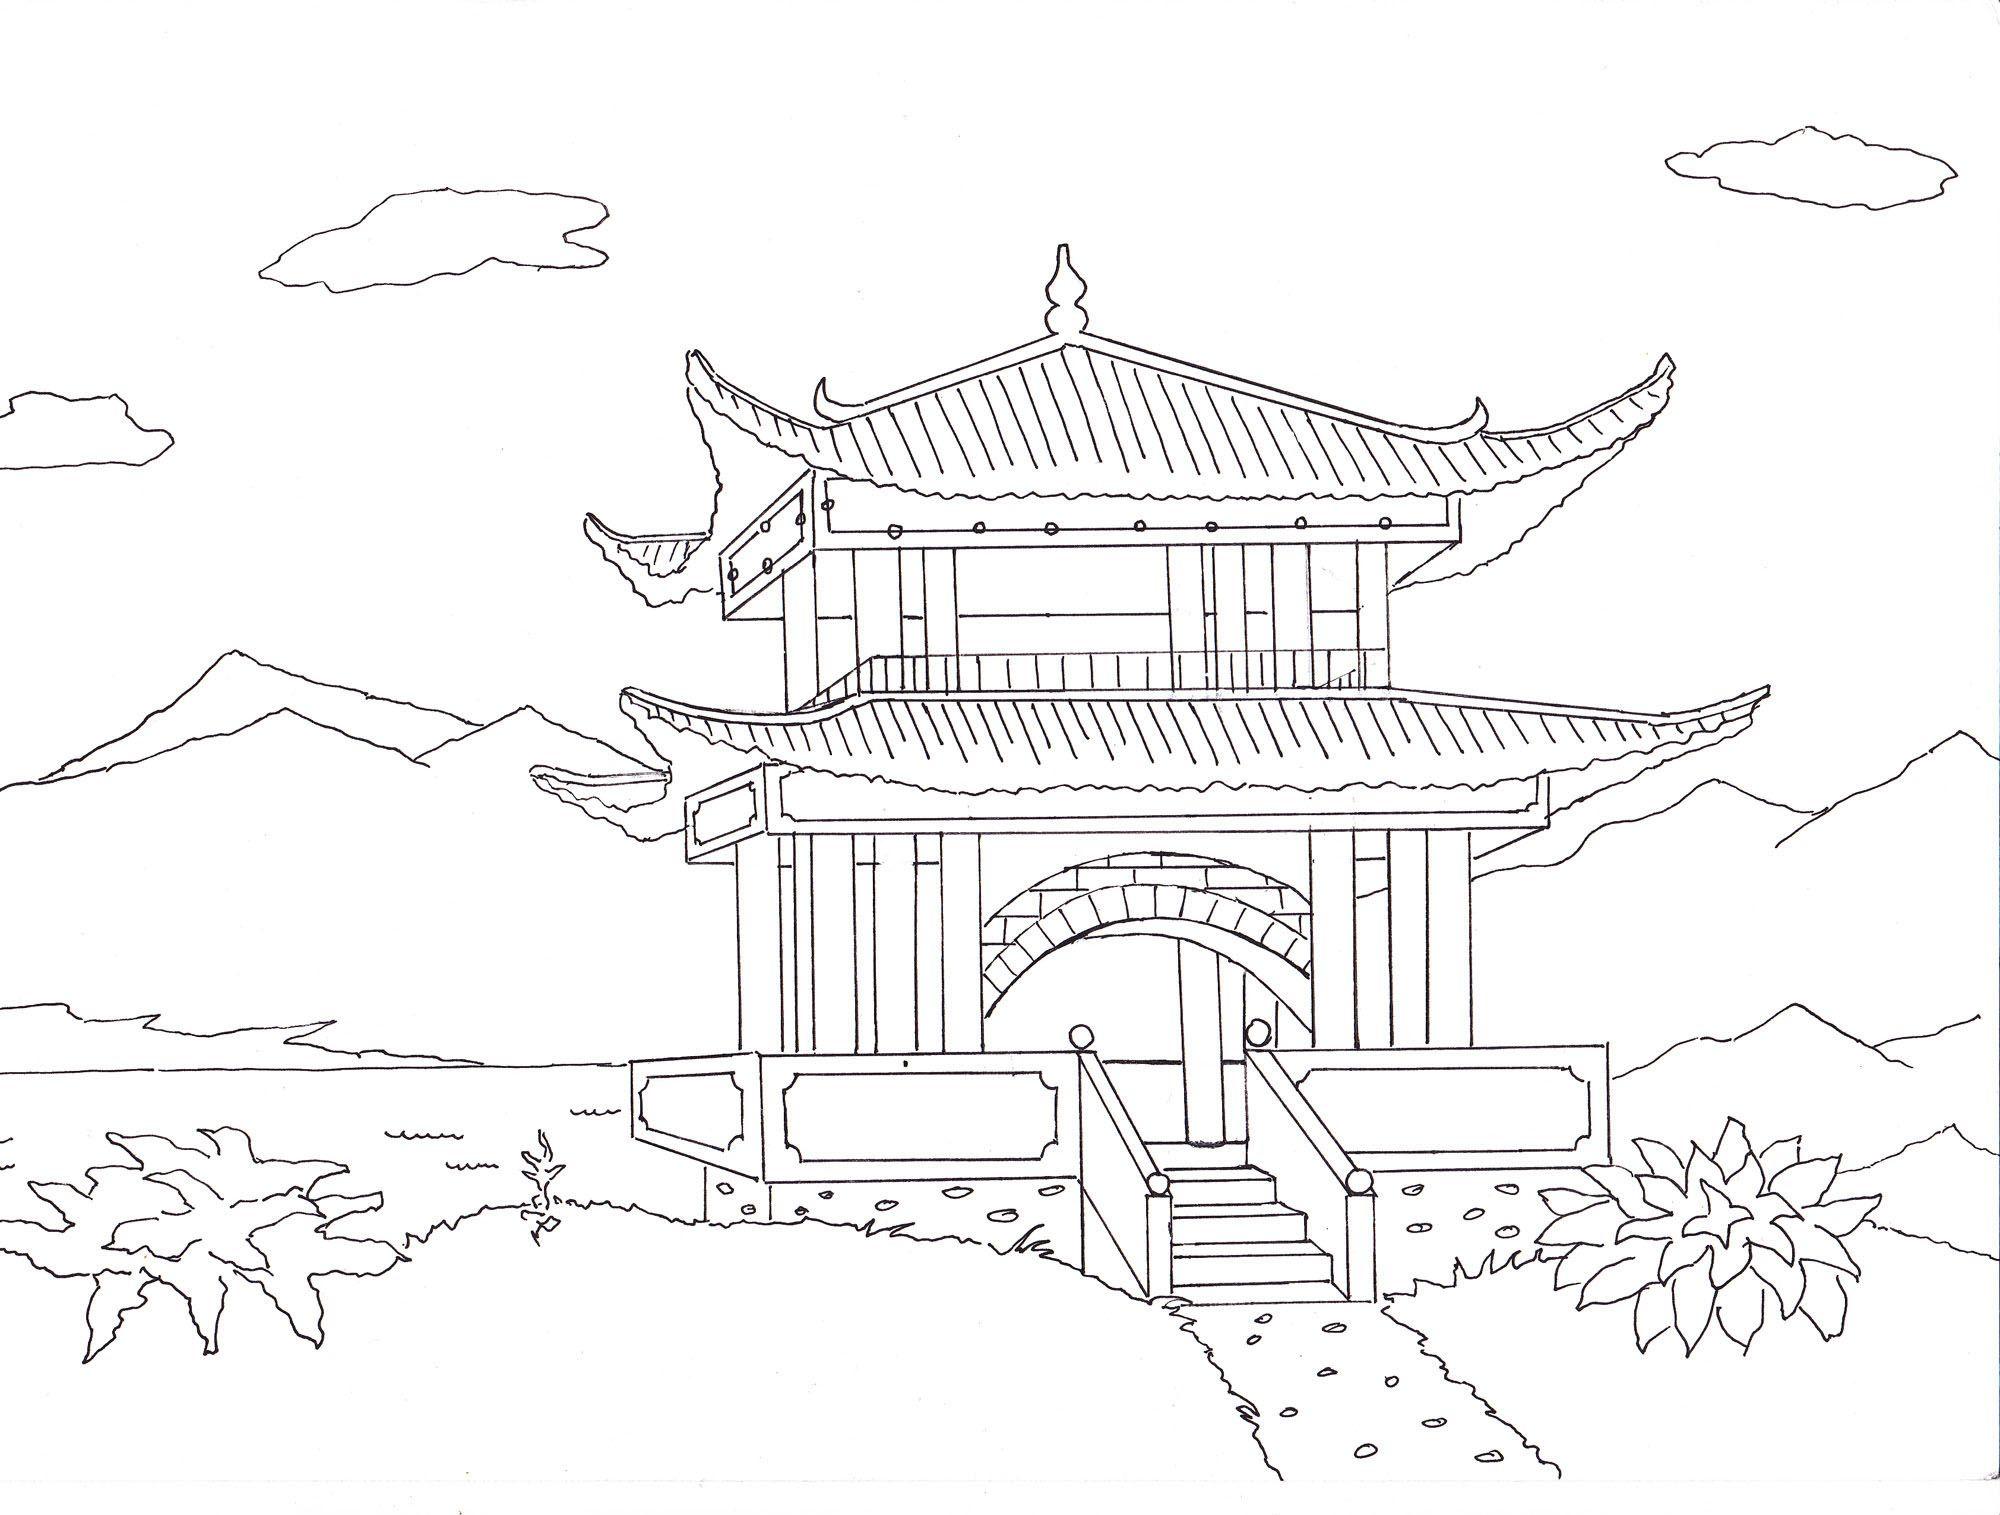 япония картинки рисунки карандашом купить замечательную